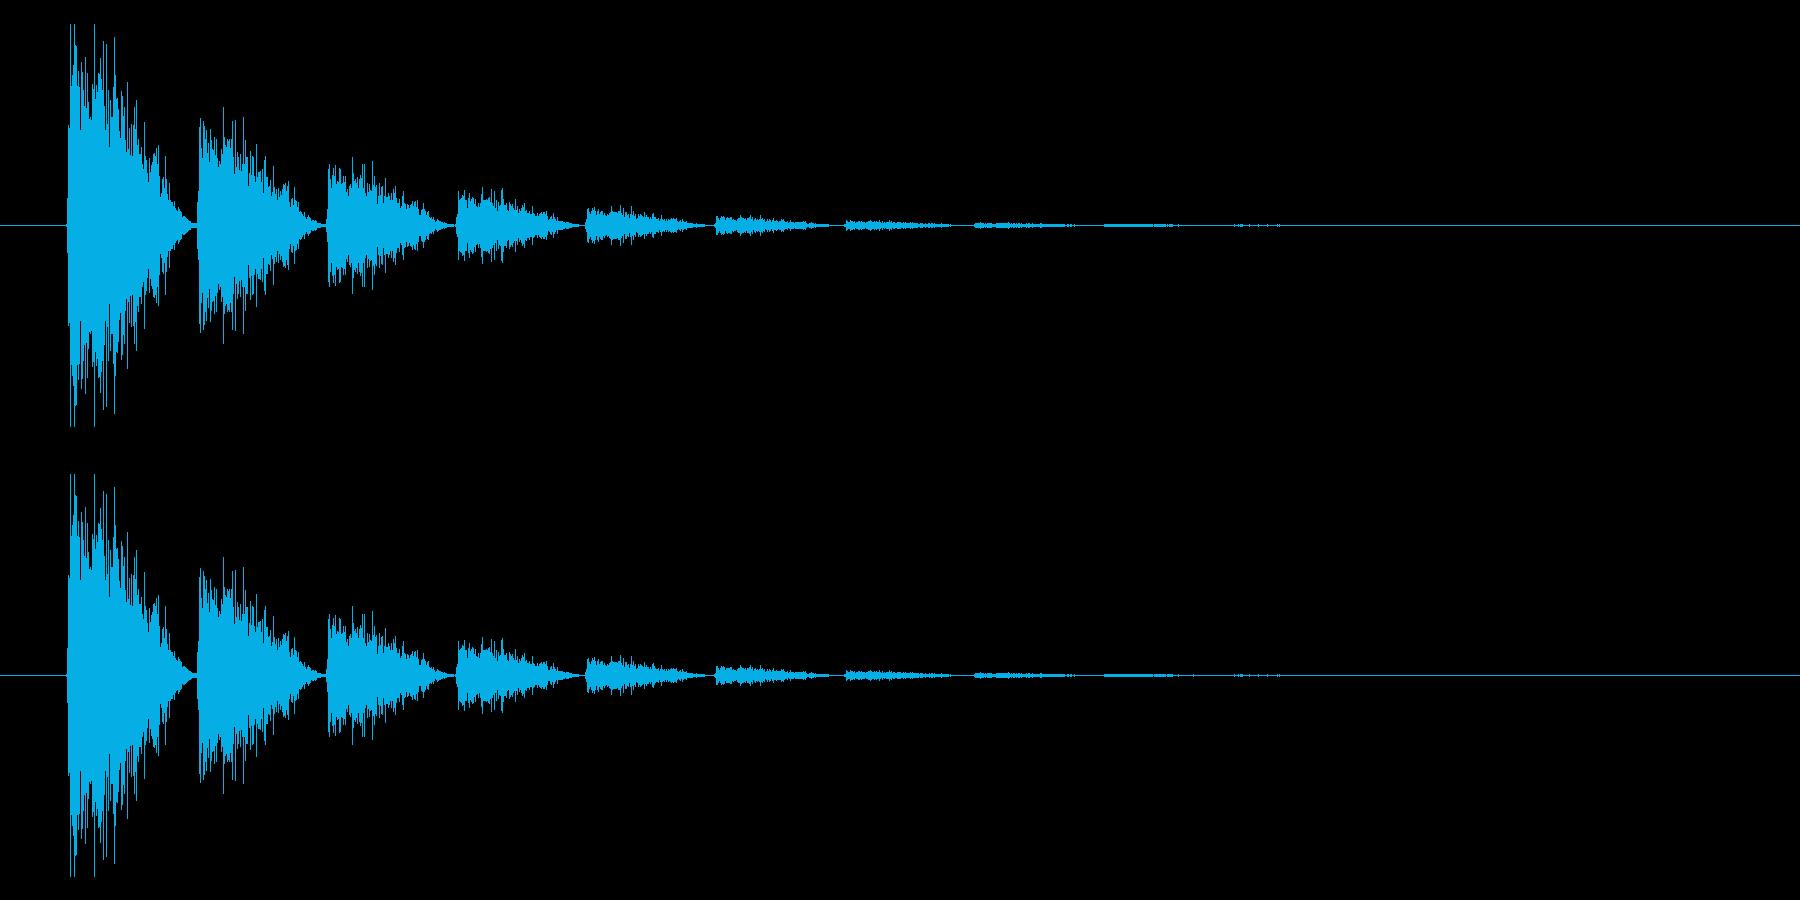 打撃07-6の再生済みの波形